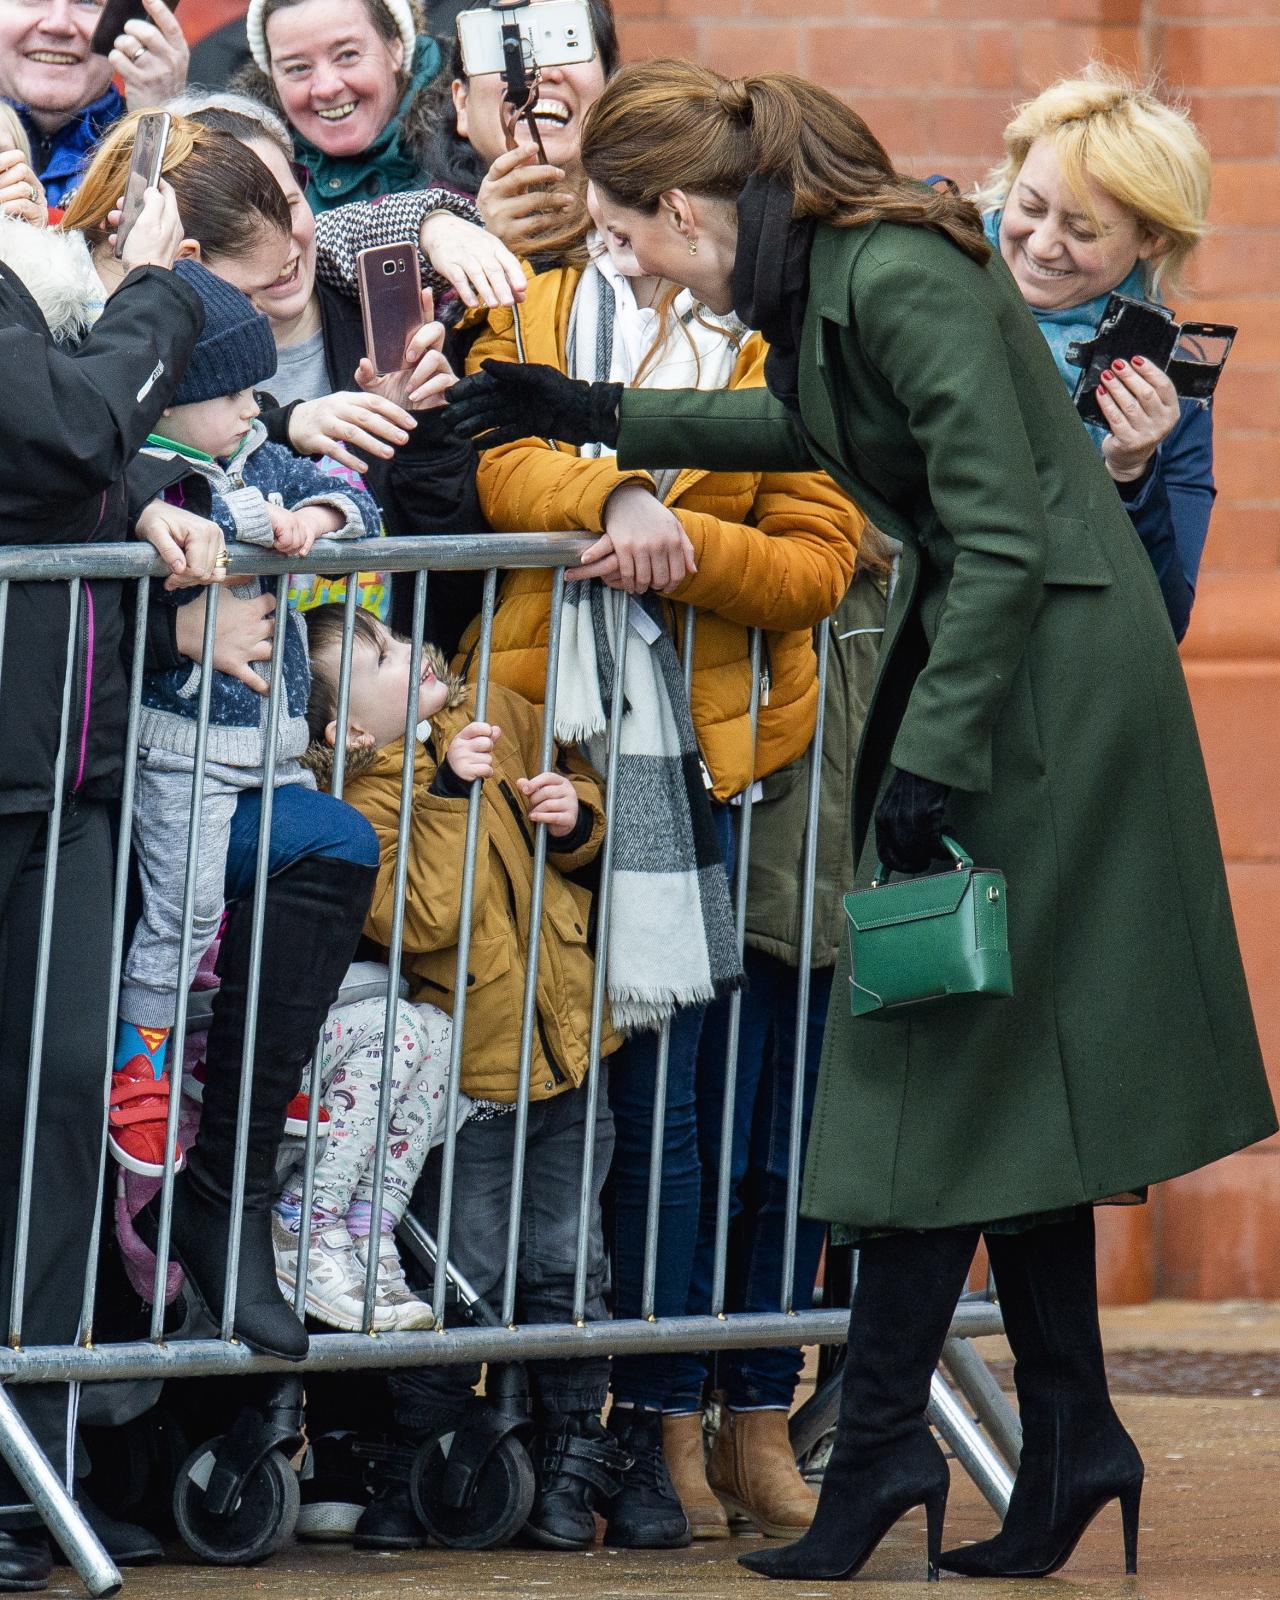 Księżna Cambridge Kate z wizytą w Blackpool. Fot. PAP/EPA/PETER POWELL